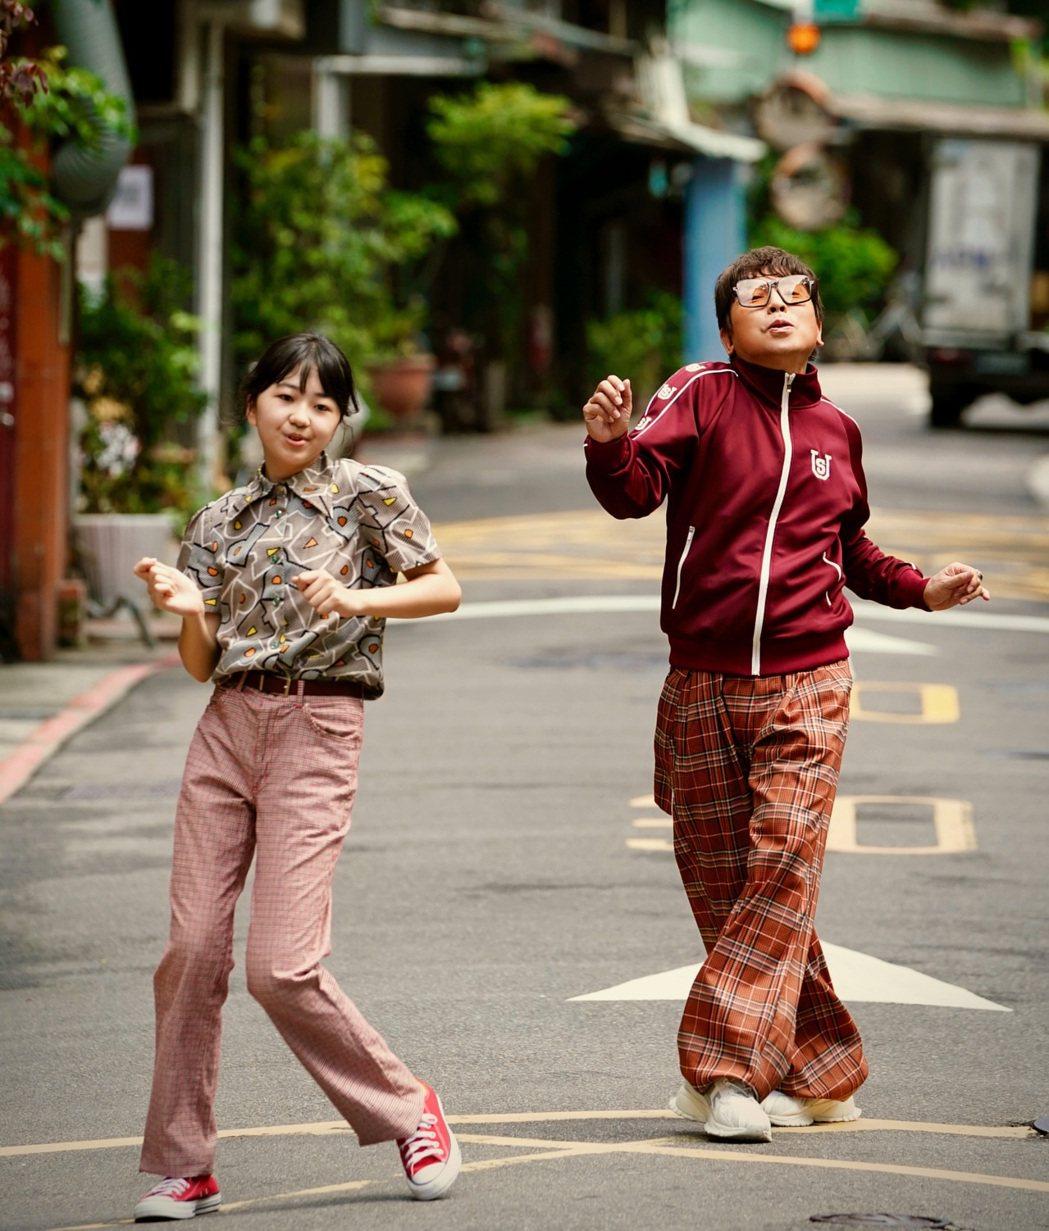 郭蘅祈(右)邀來第55屆金鐘獎迷你劇集/電視電影最具潛力新人獎得主白小櫻跨刀共舞